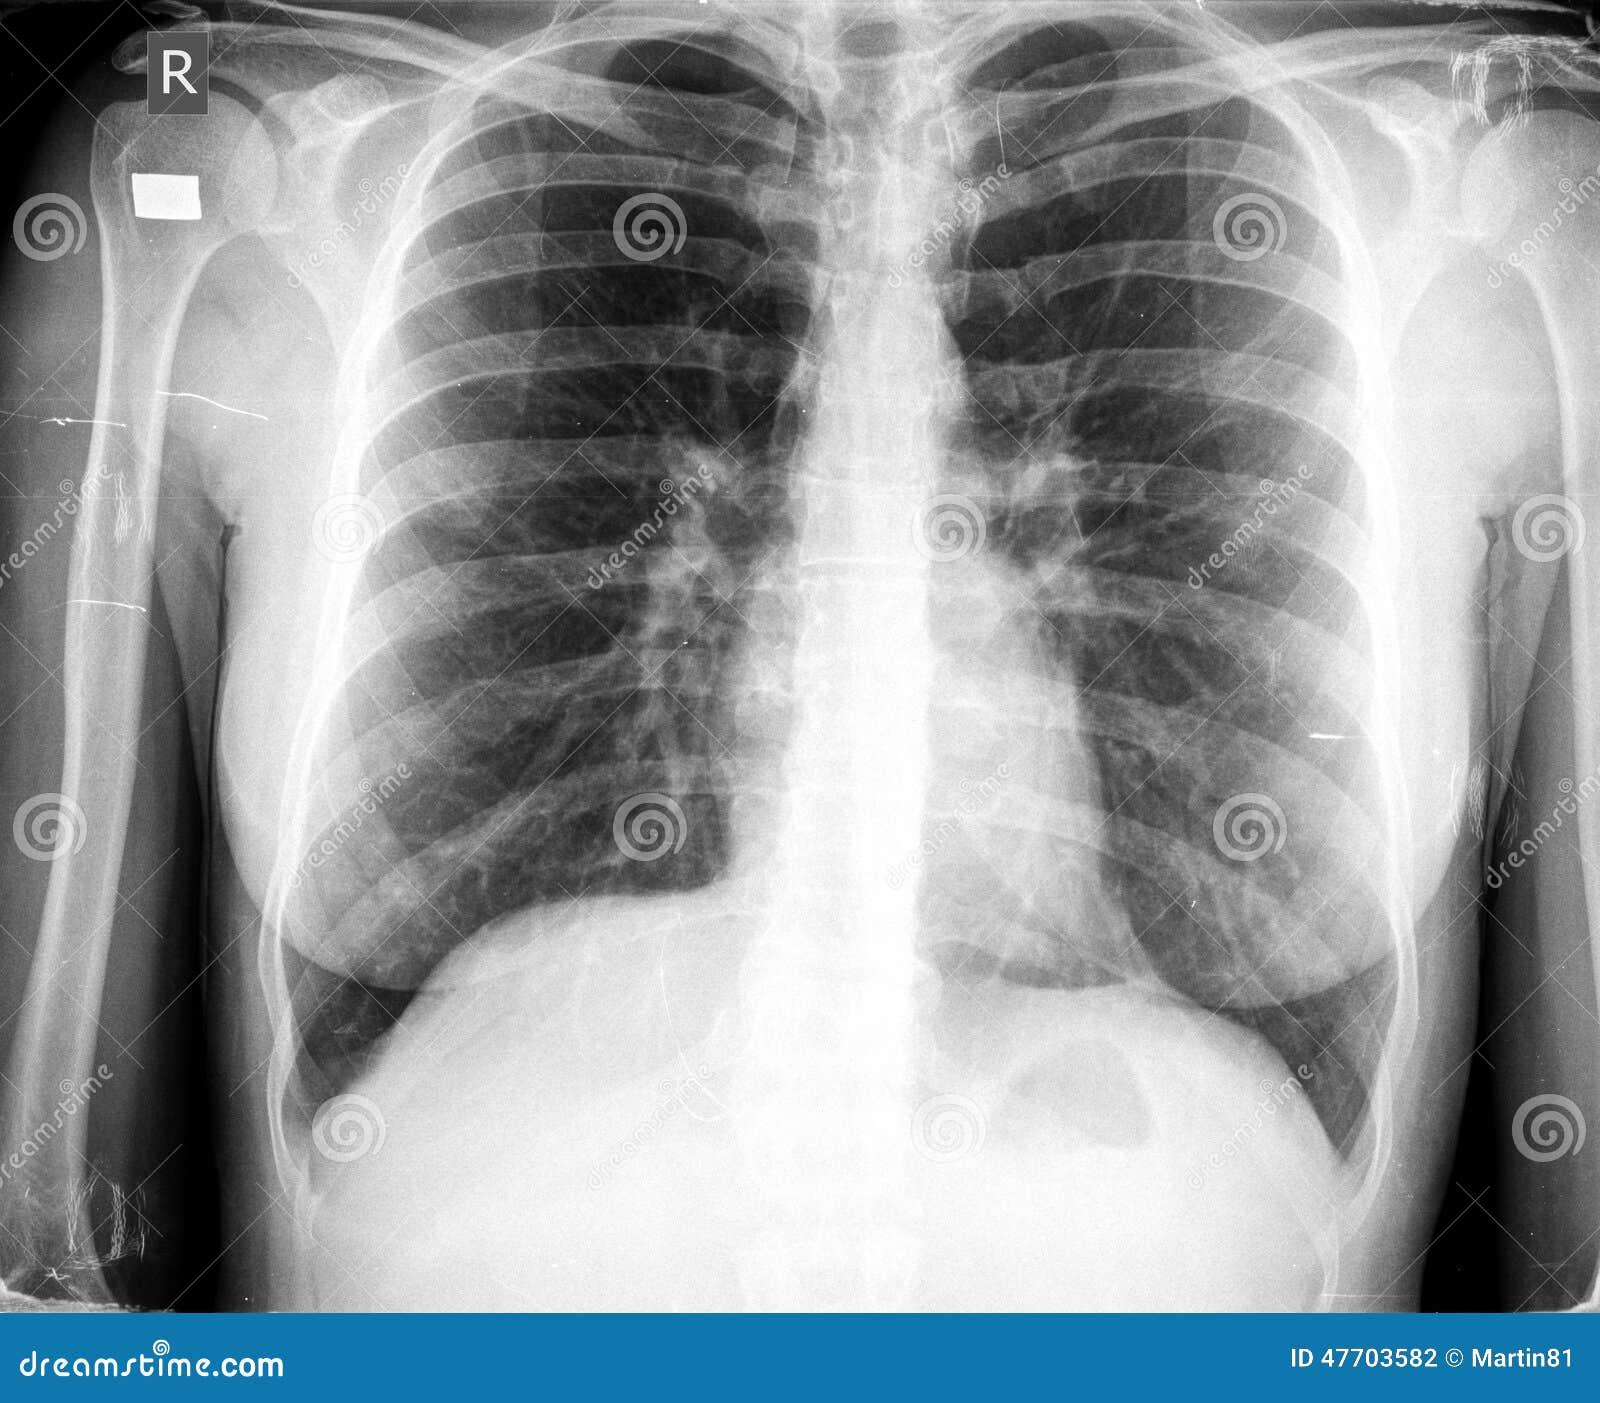 Xray chest